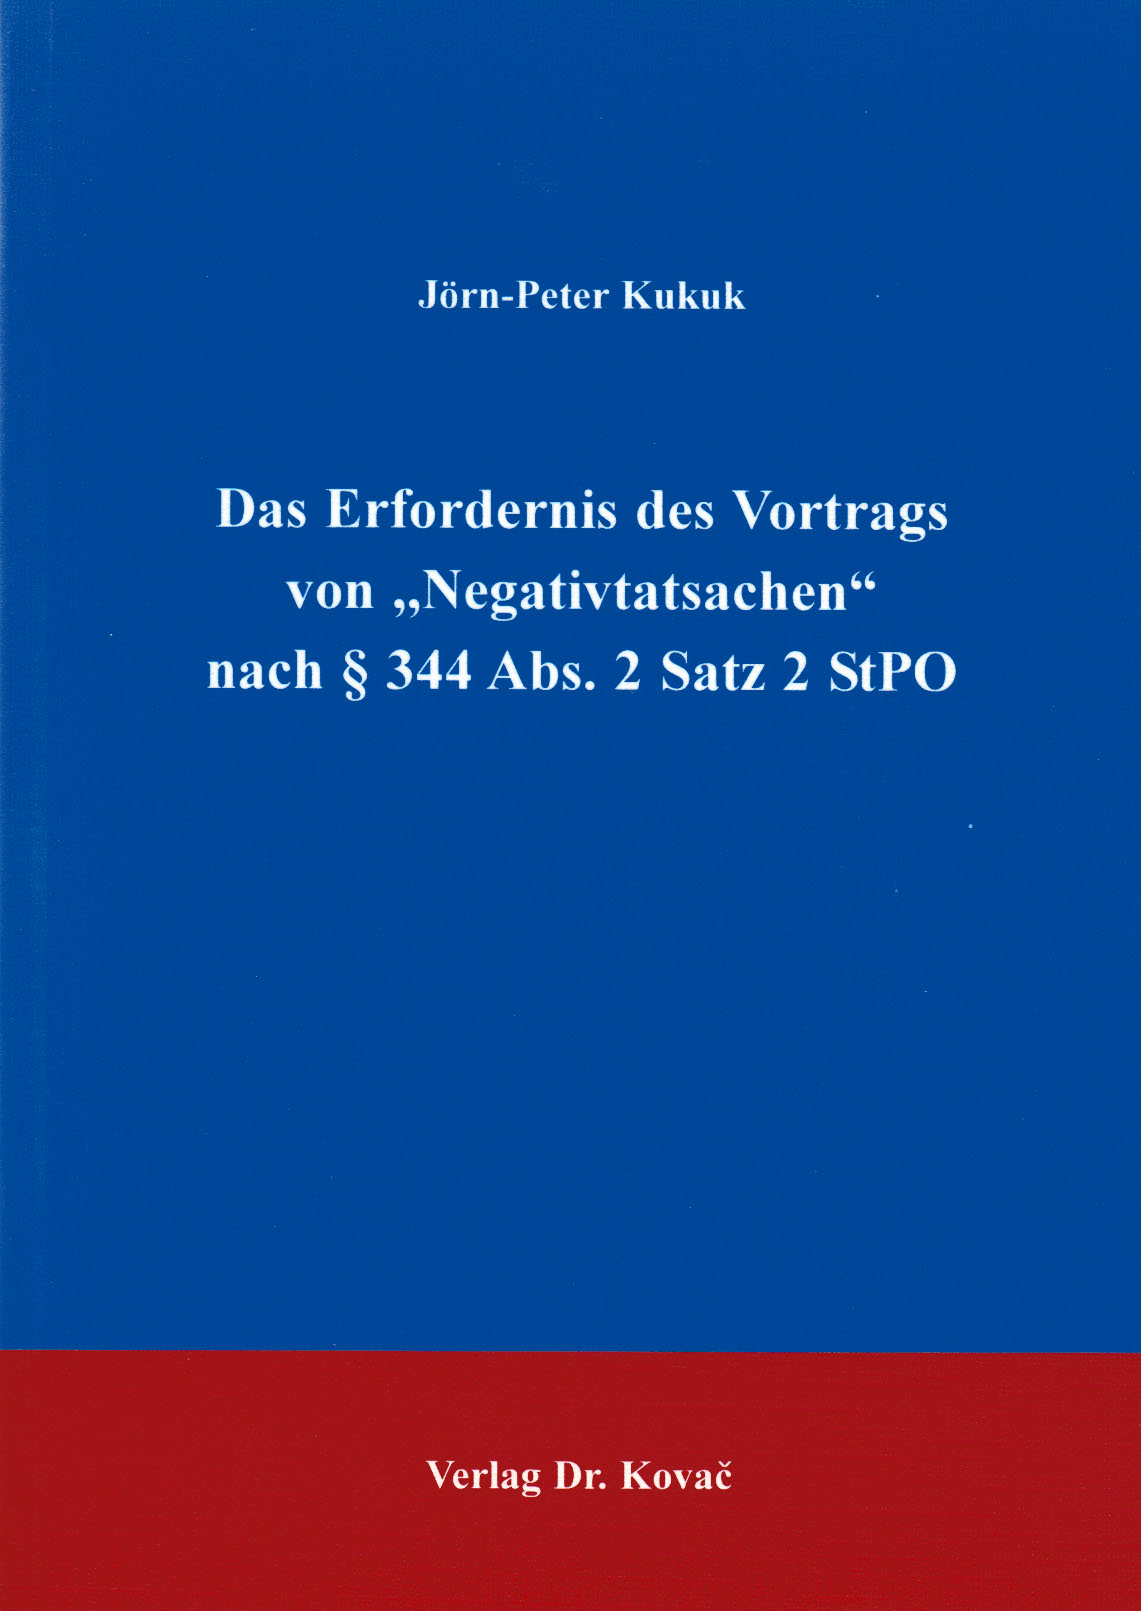 """Cover: Das Erfordernis des Vortrags von """"Negativtatsachen"""" nach §344 Abs. 2 Satz 2 StPO"""